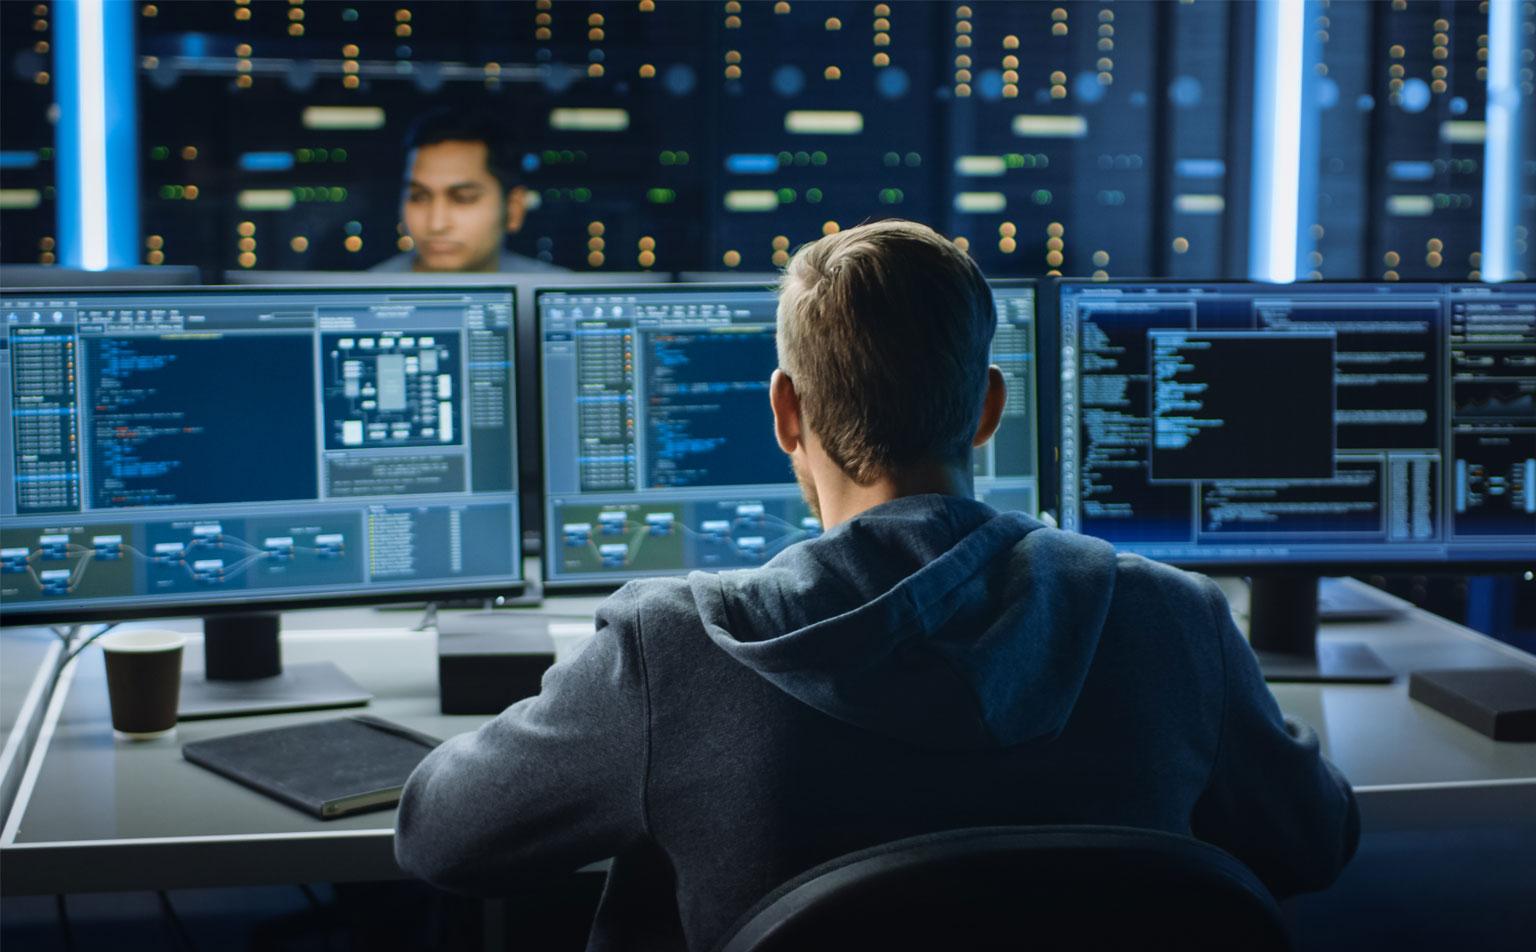 Evolving Cyber Risks in a COVID-19 World